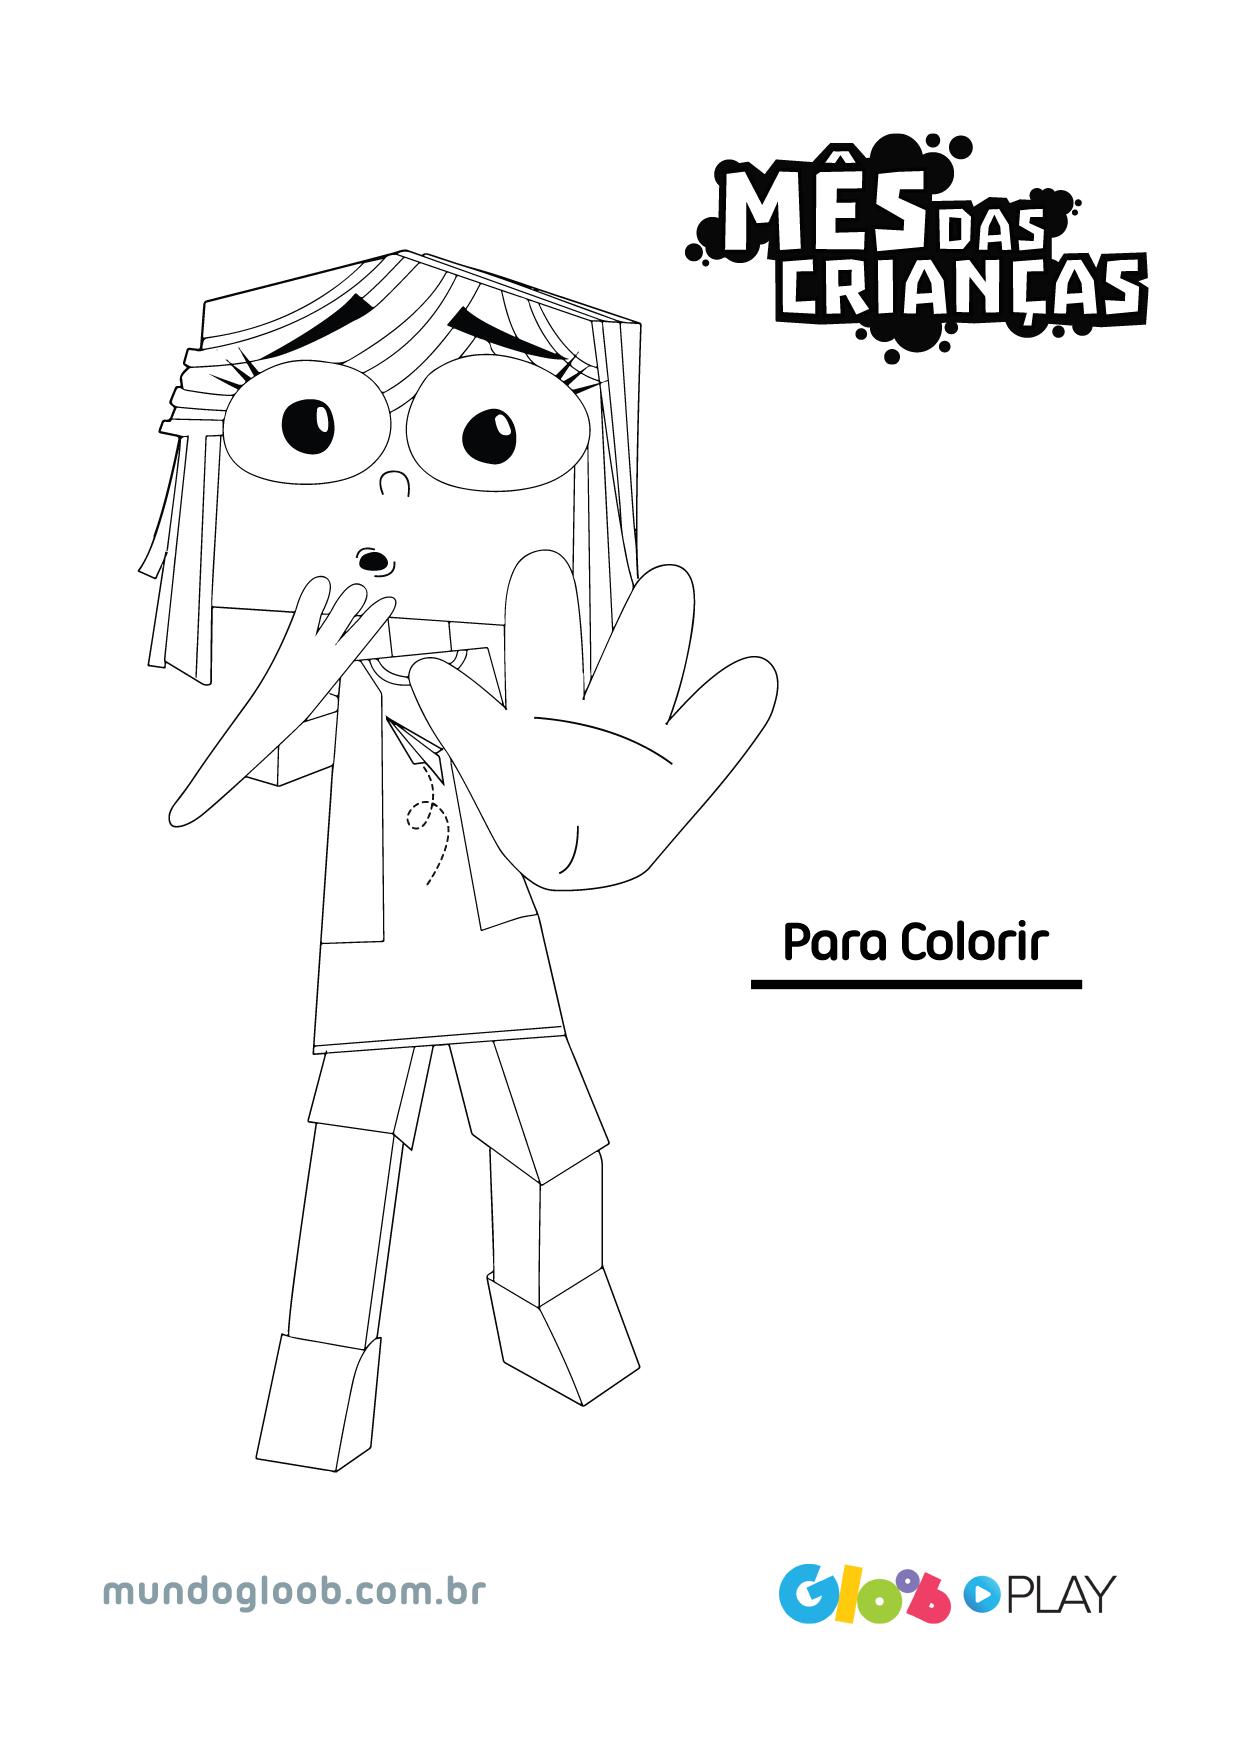 aa46042437d  Mês das Crianças  Para Colorir - Mês das Crianças - Especiais - MUNDO GLOOB